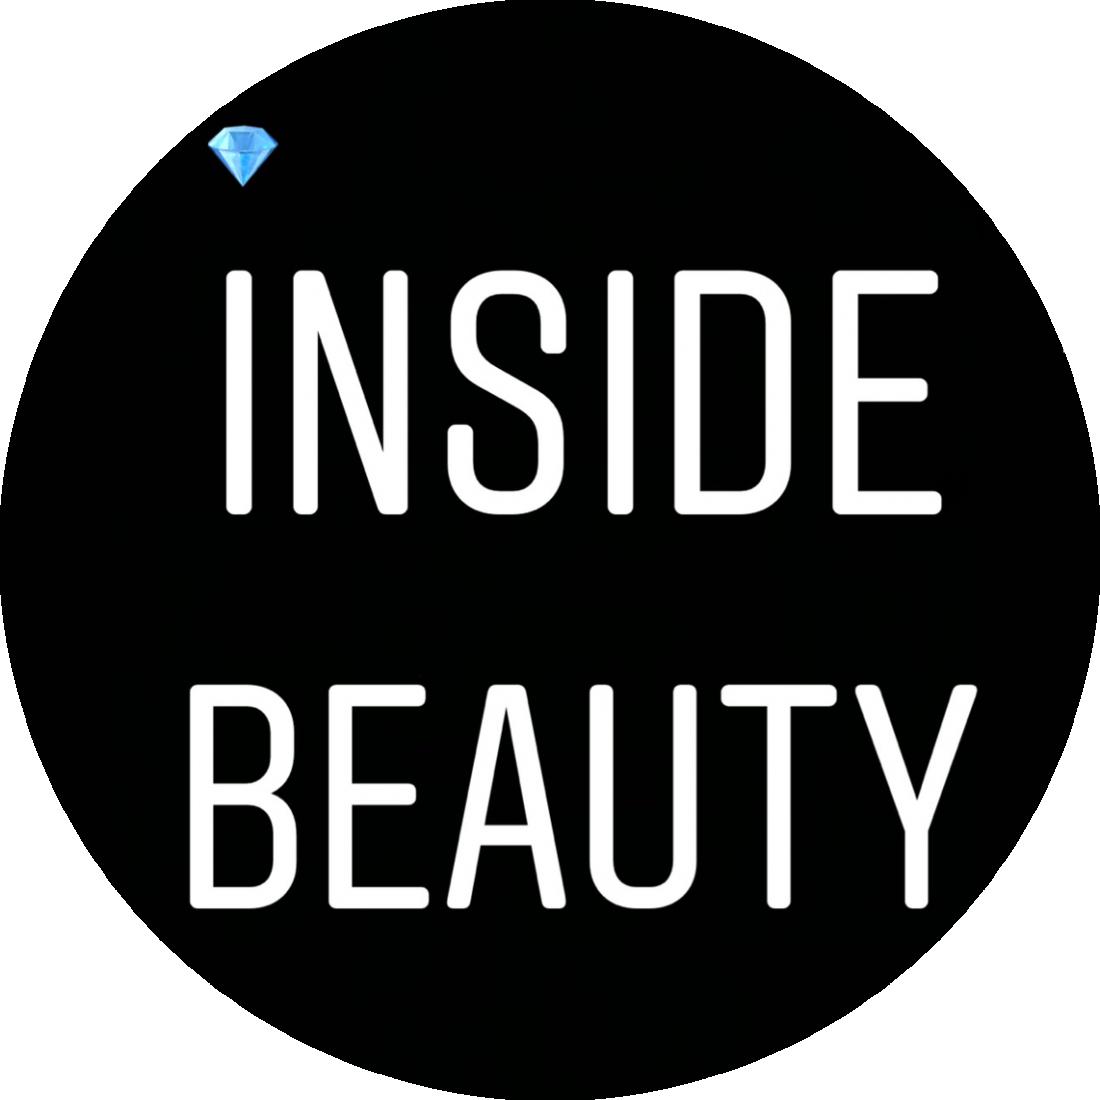 """Маникюр/педикюр, долговременное покрытие от 12 руб. в студии красоты """"Inside Beauty"""""""